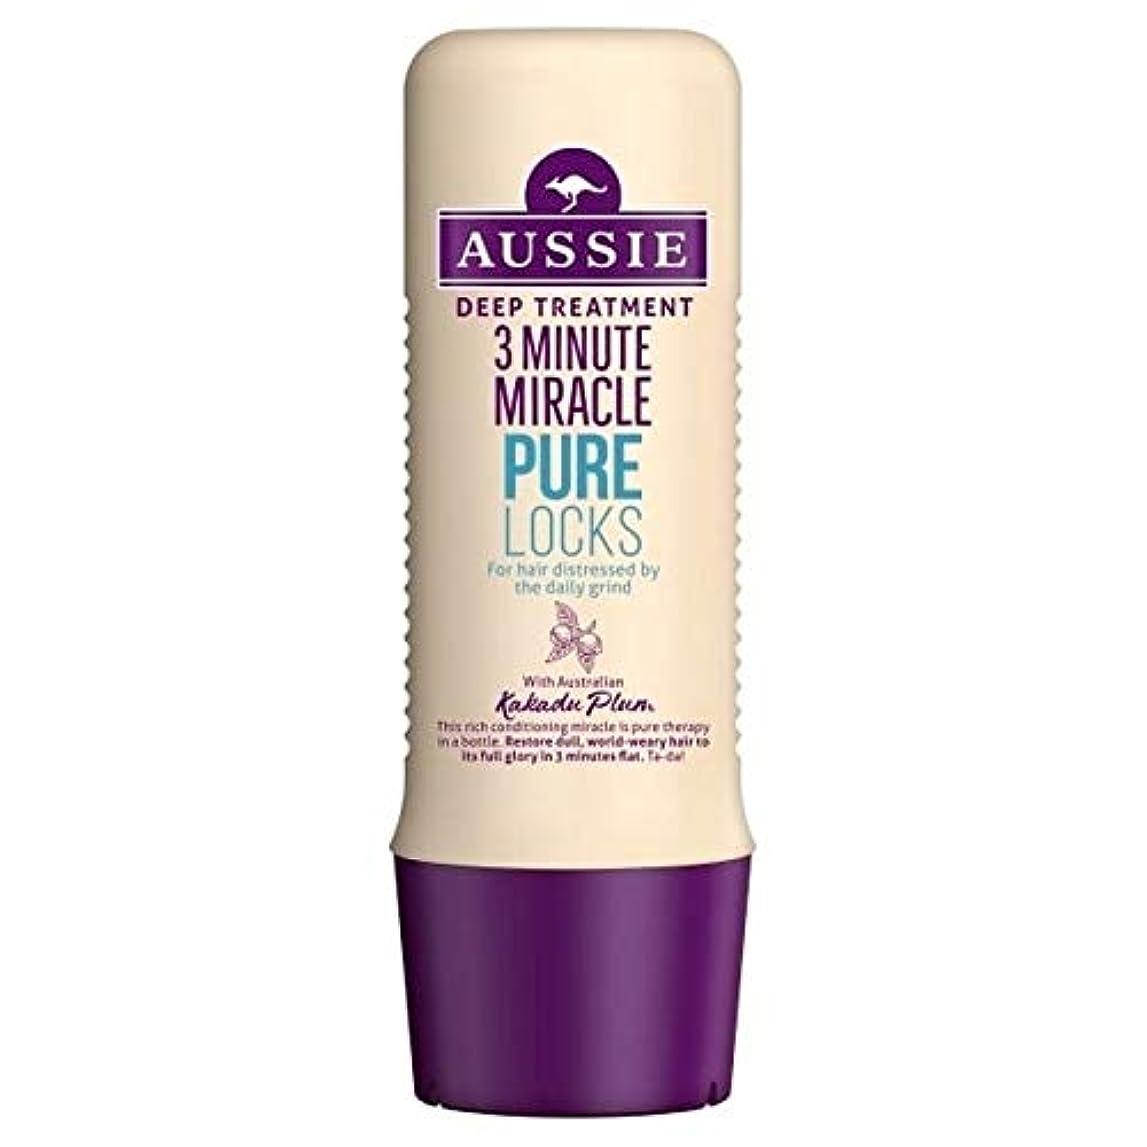 マイルストーン日帰り旅行に見て[Aussie ] オーストラリアの純粋なロック3分の奇跡の250ミリリットル - Aussie Pure Locks 3 Minute Miracle 250ml [並行輸入品]